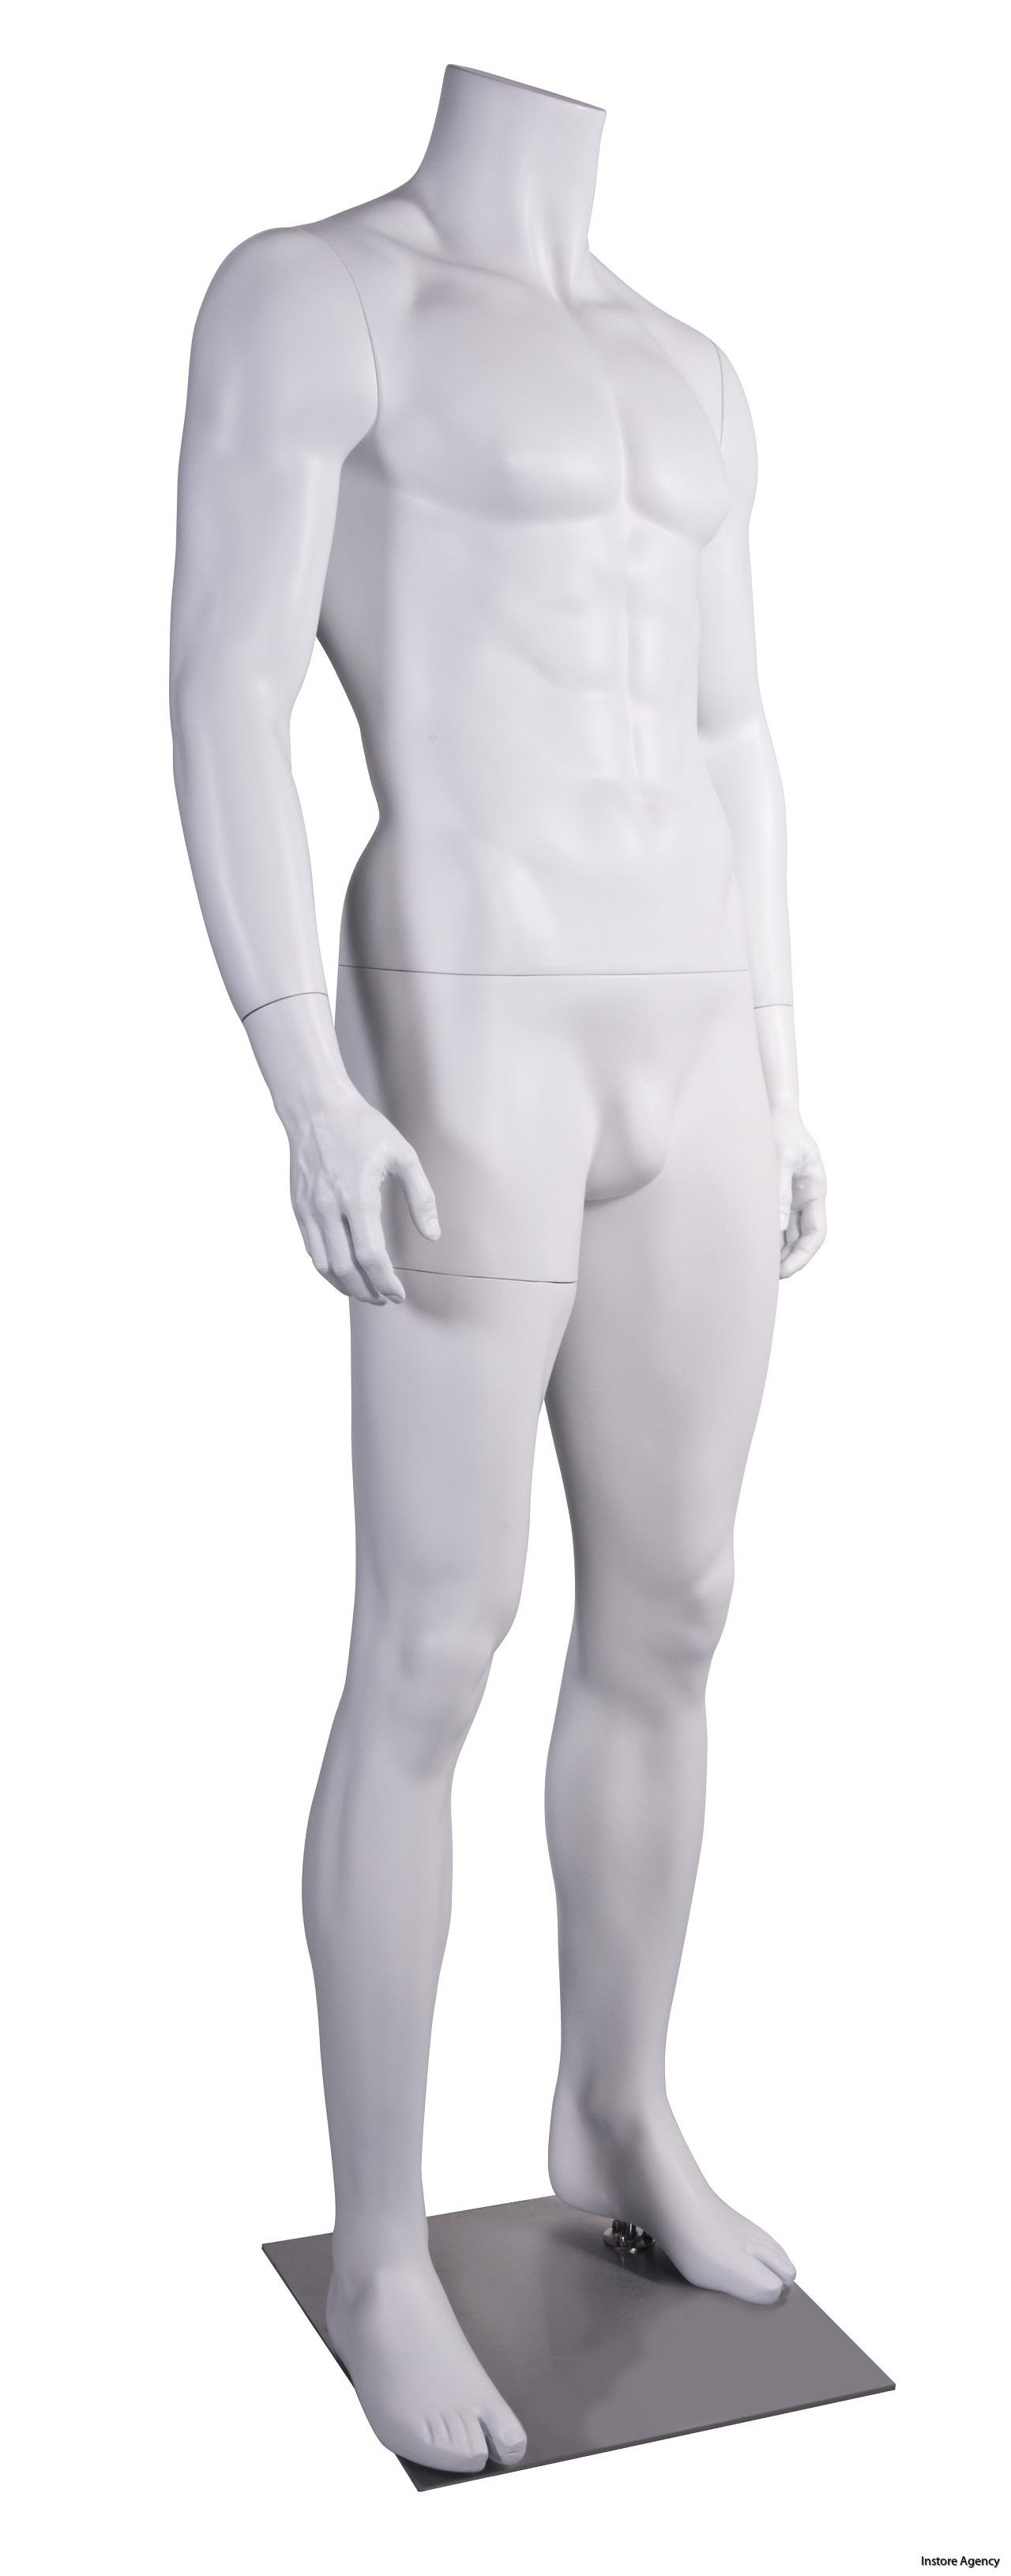 IM-ANTON-2-201 mannekäng sida hö